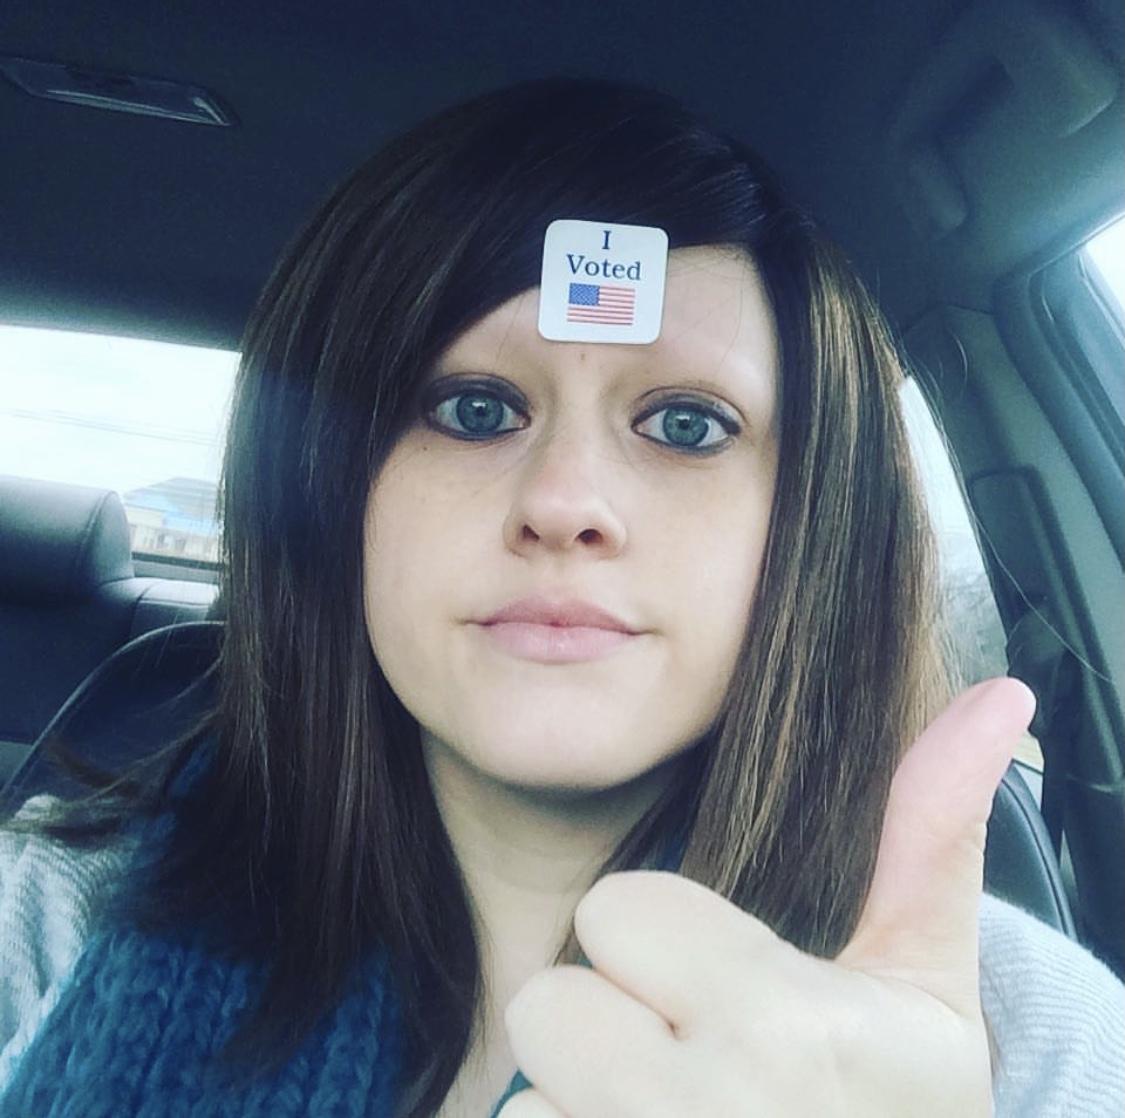 elections, vote